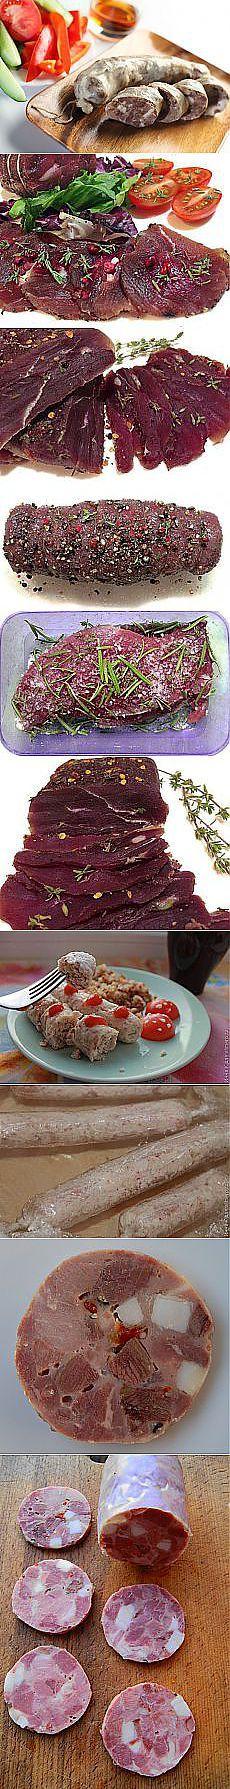 Домашние колбасы, сало, грудинка, копчение. | Рецепты простой и вкусной еды на Постиле | Постила